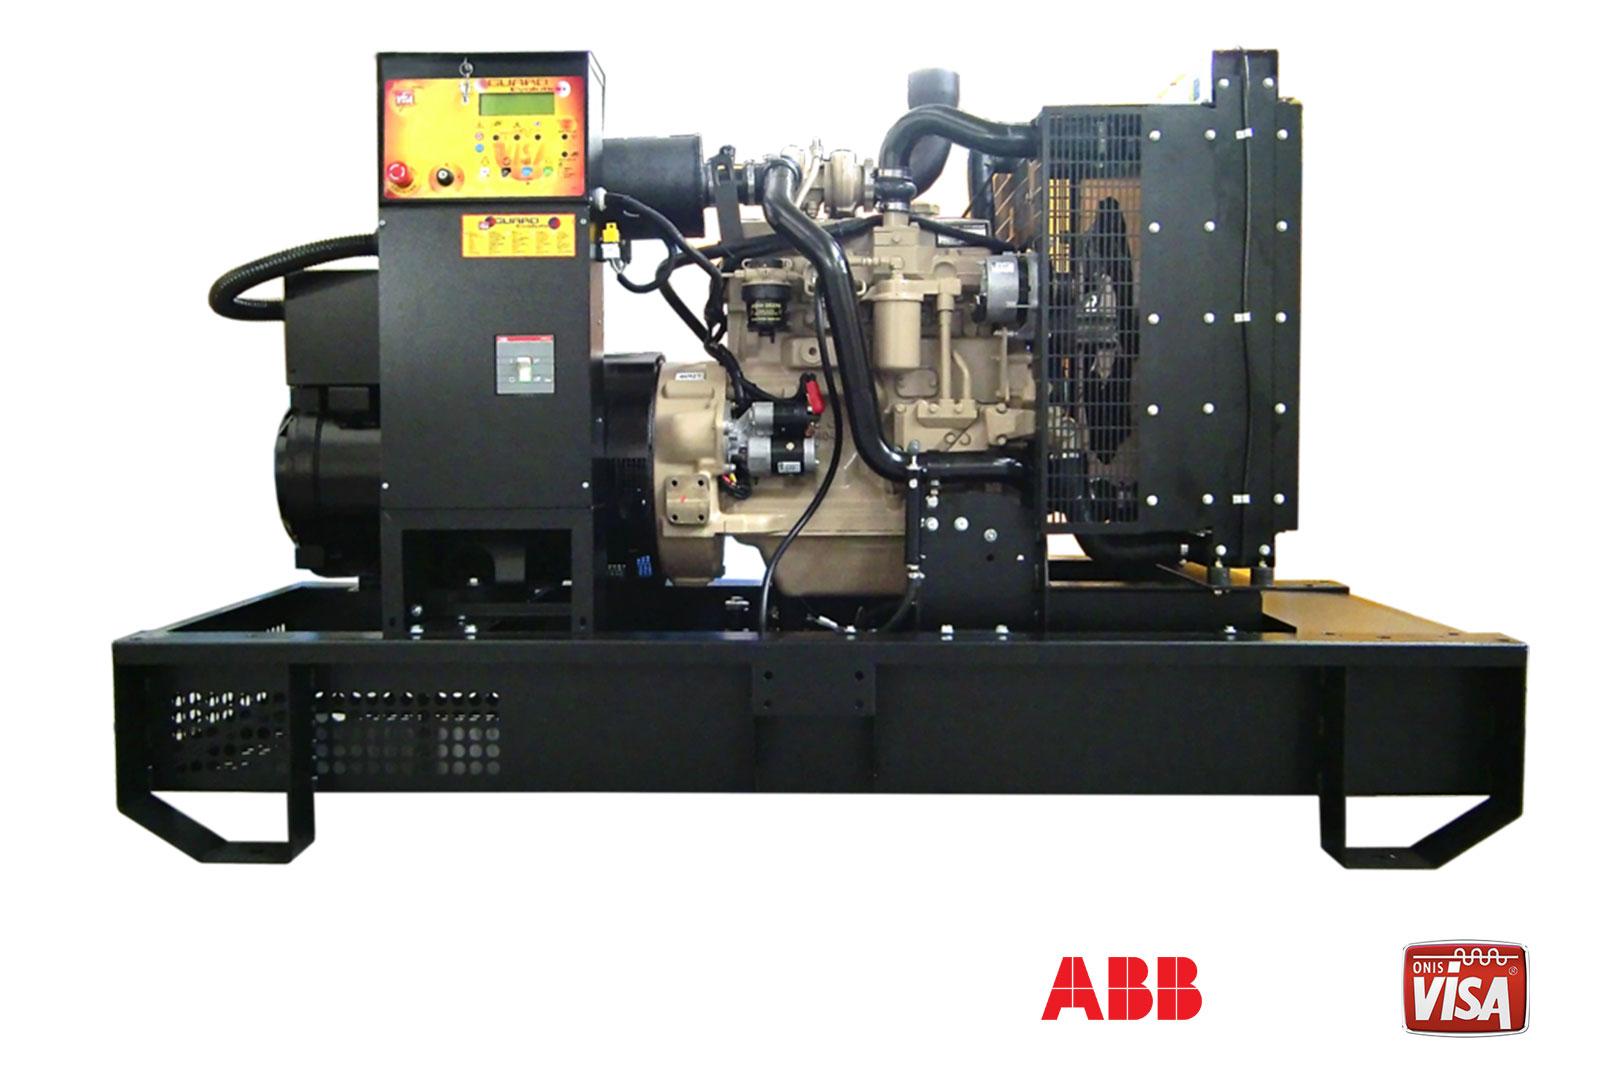 John deere jd100go diesel generators - Diesel generators pros and cons ...